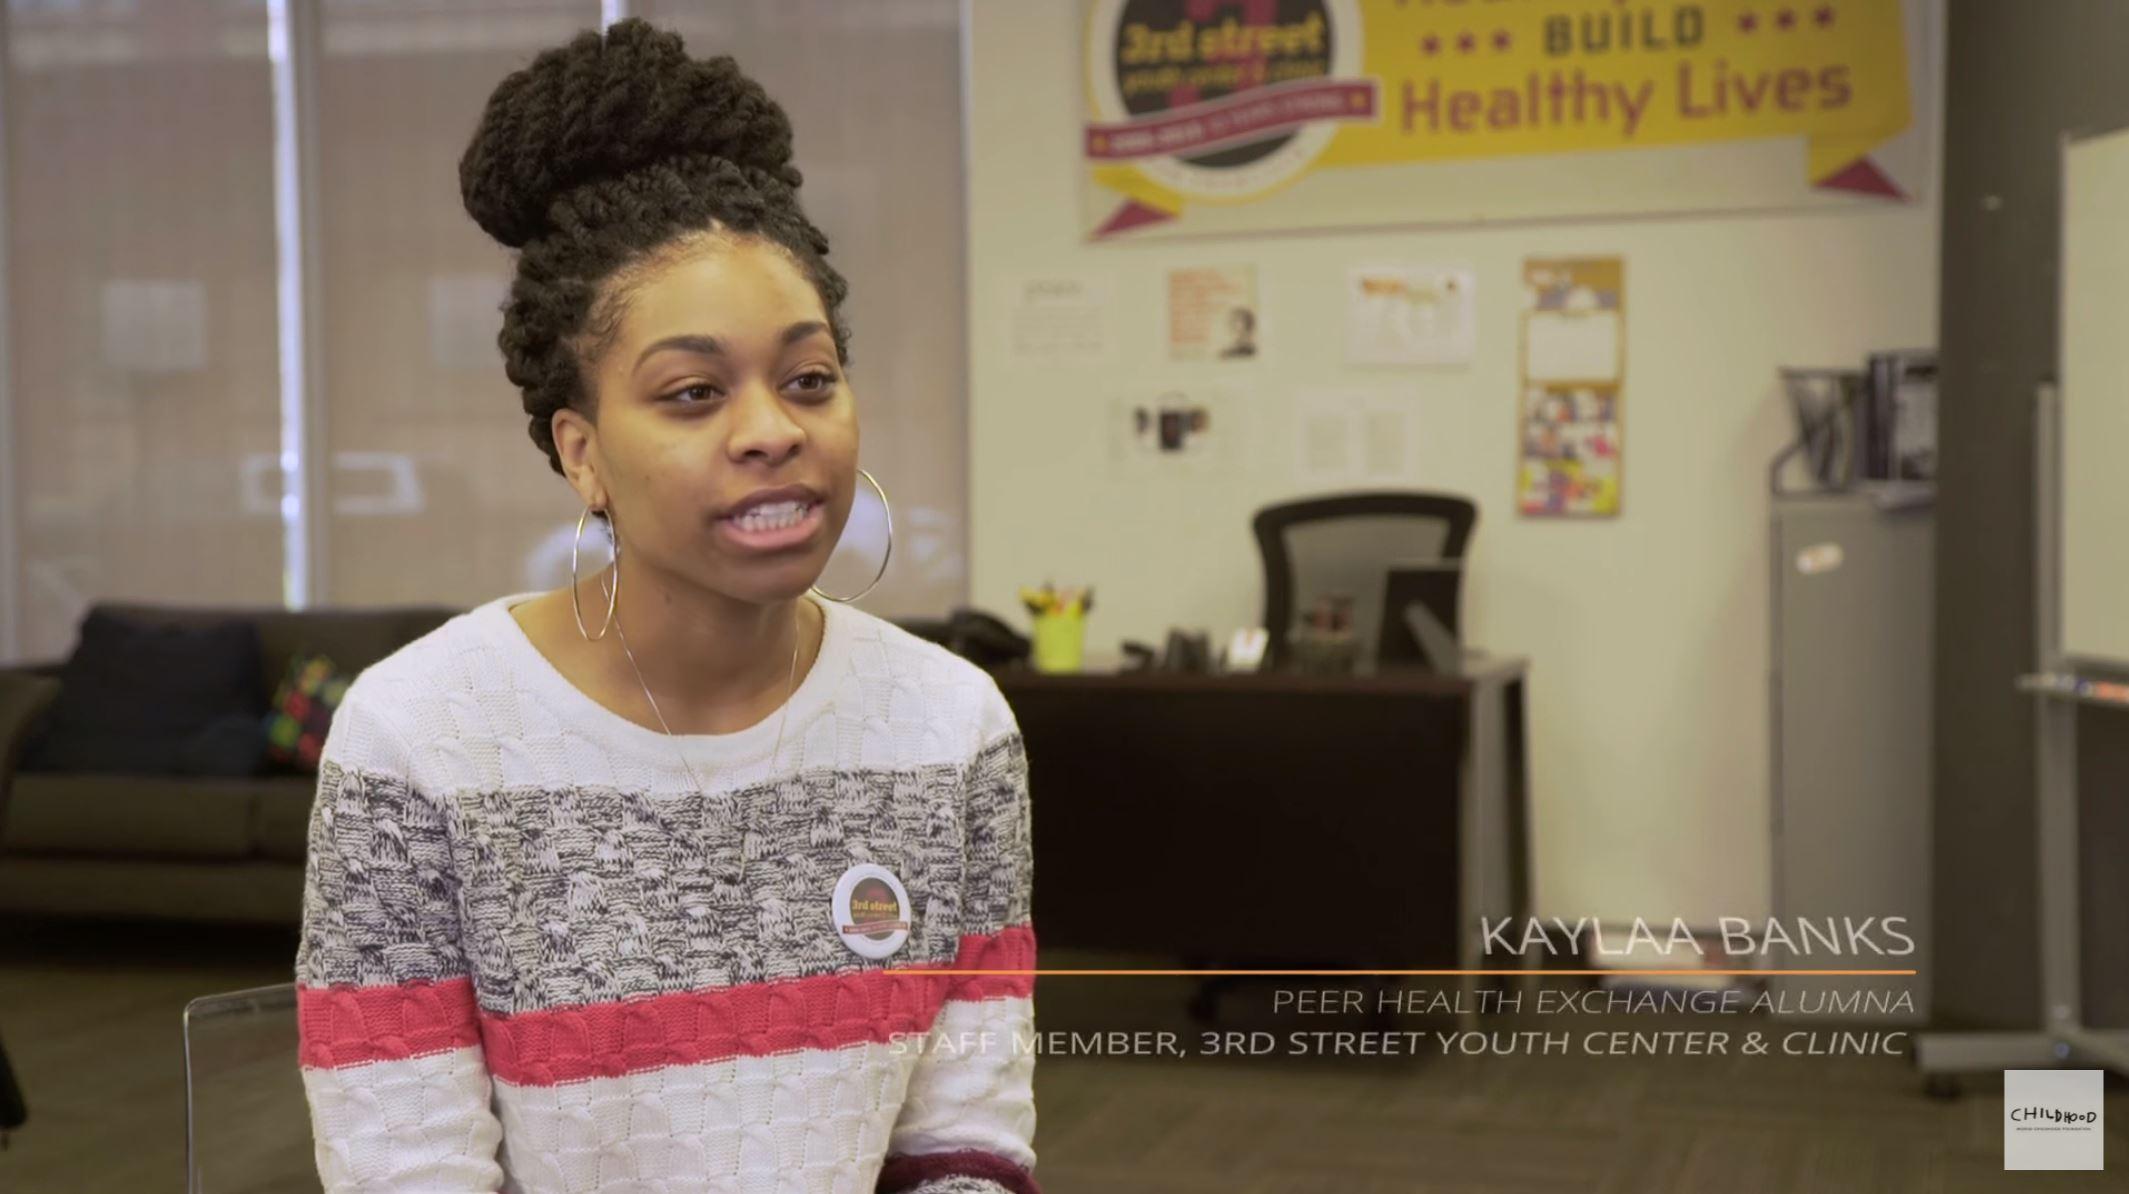 Filming Kaylaa Banks, PHE Alumna